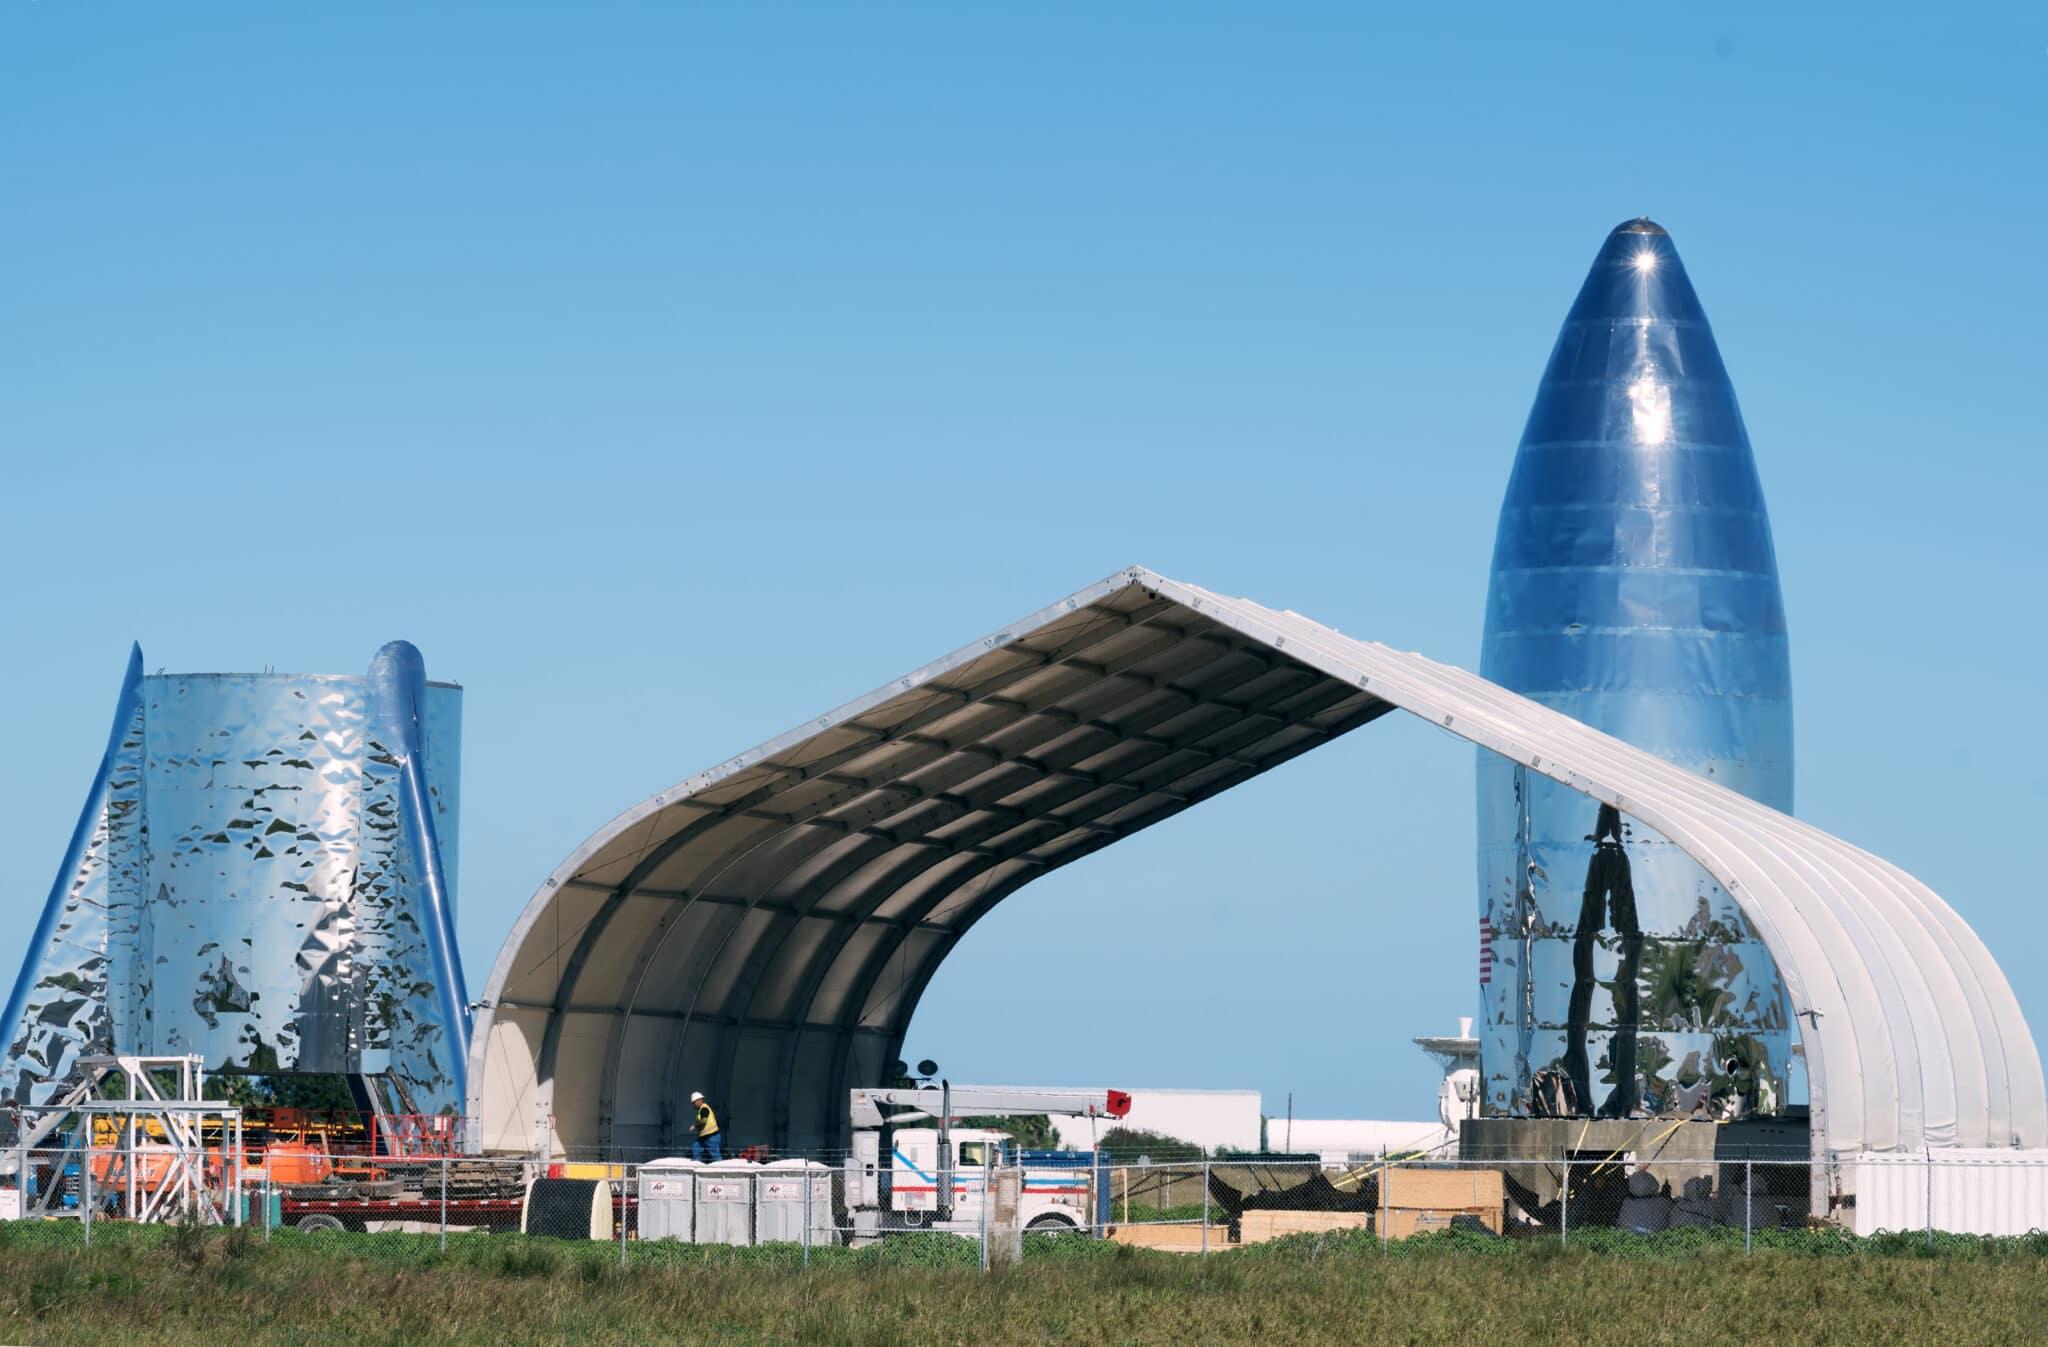 Will Innovation Transform Texas?